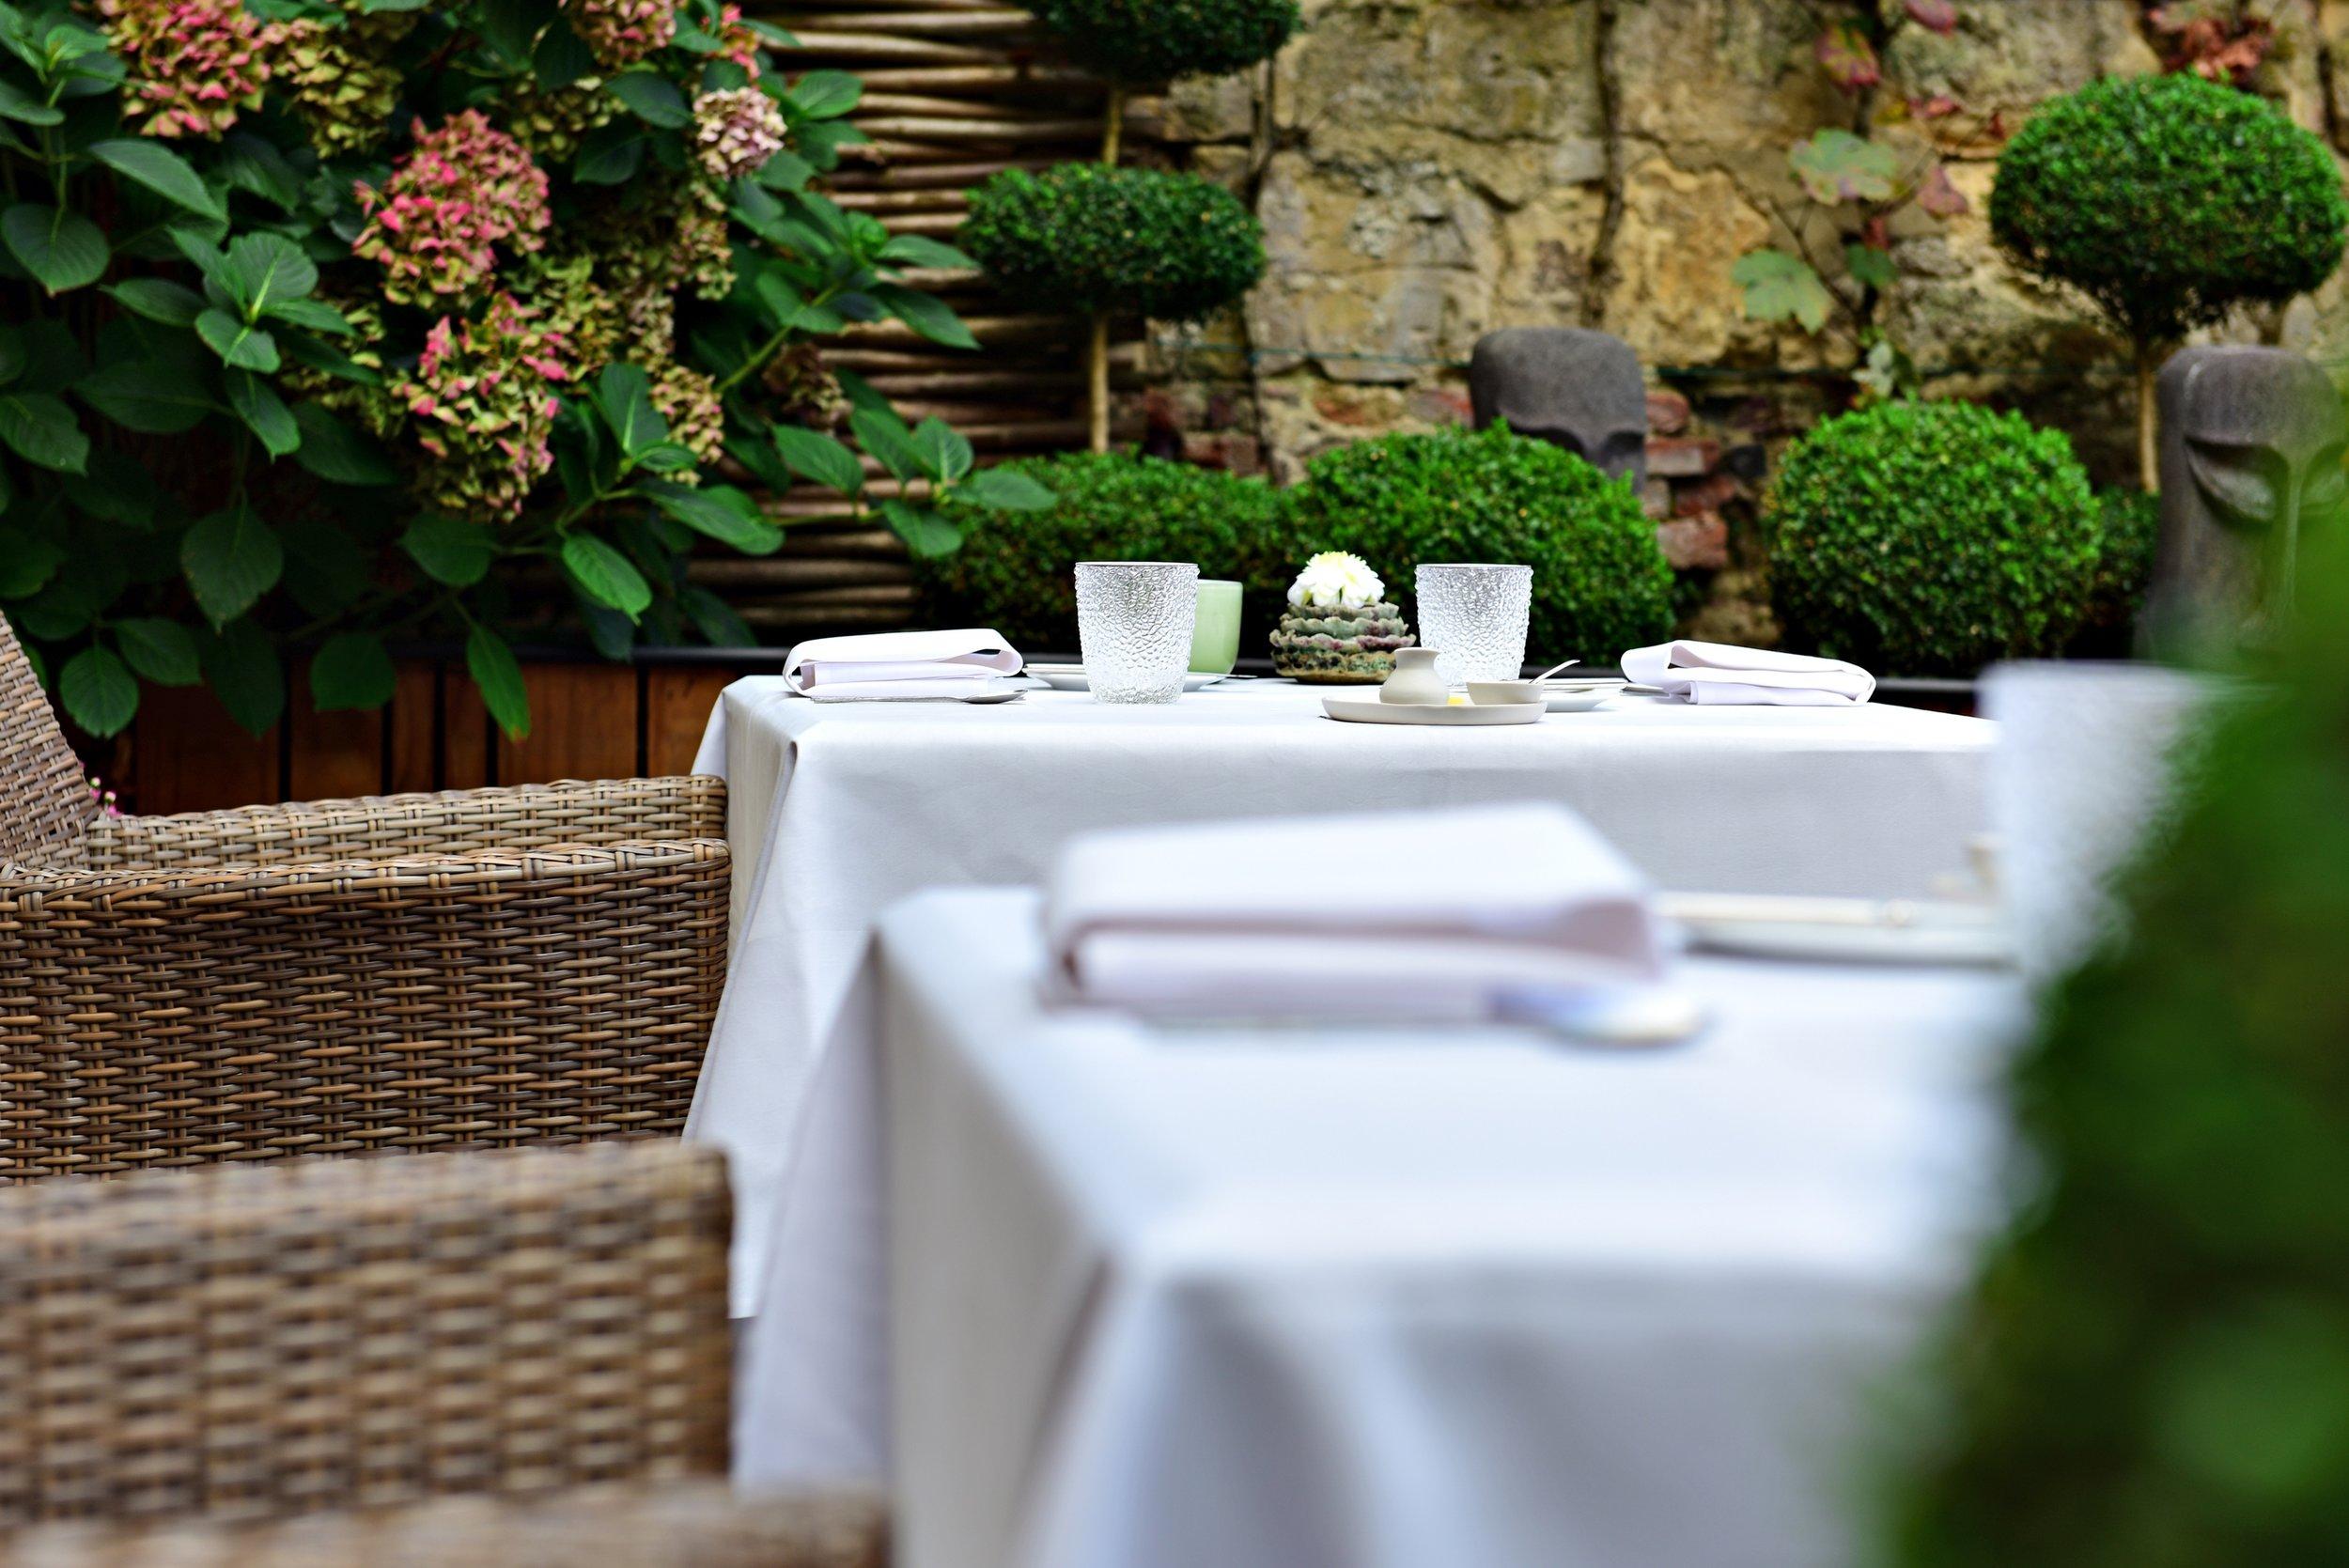 18 restaurant de mijlpaal tongeren bart albrecht culinair food fotograaf tablefever.jpg